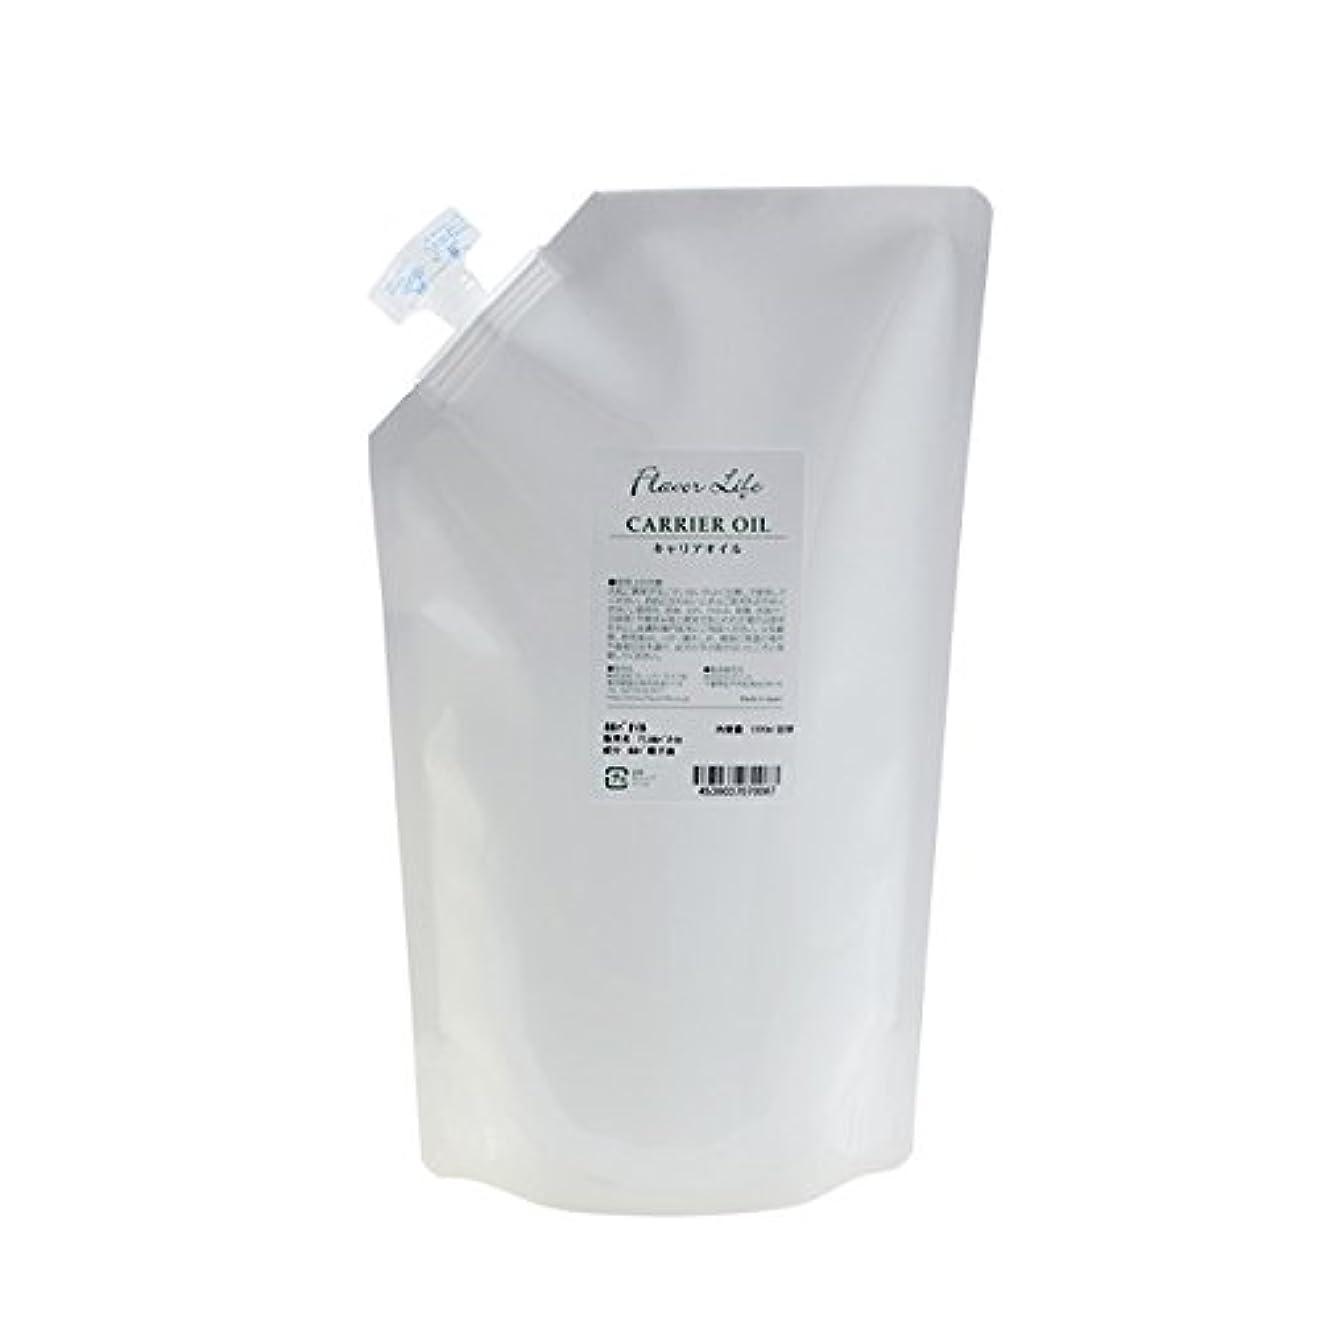 支出お茶ペストリーフレーバーライフ ホホバオイルクリア 1000ml詰替用(キャリアオイル)